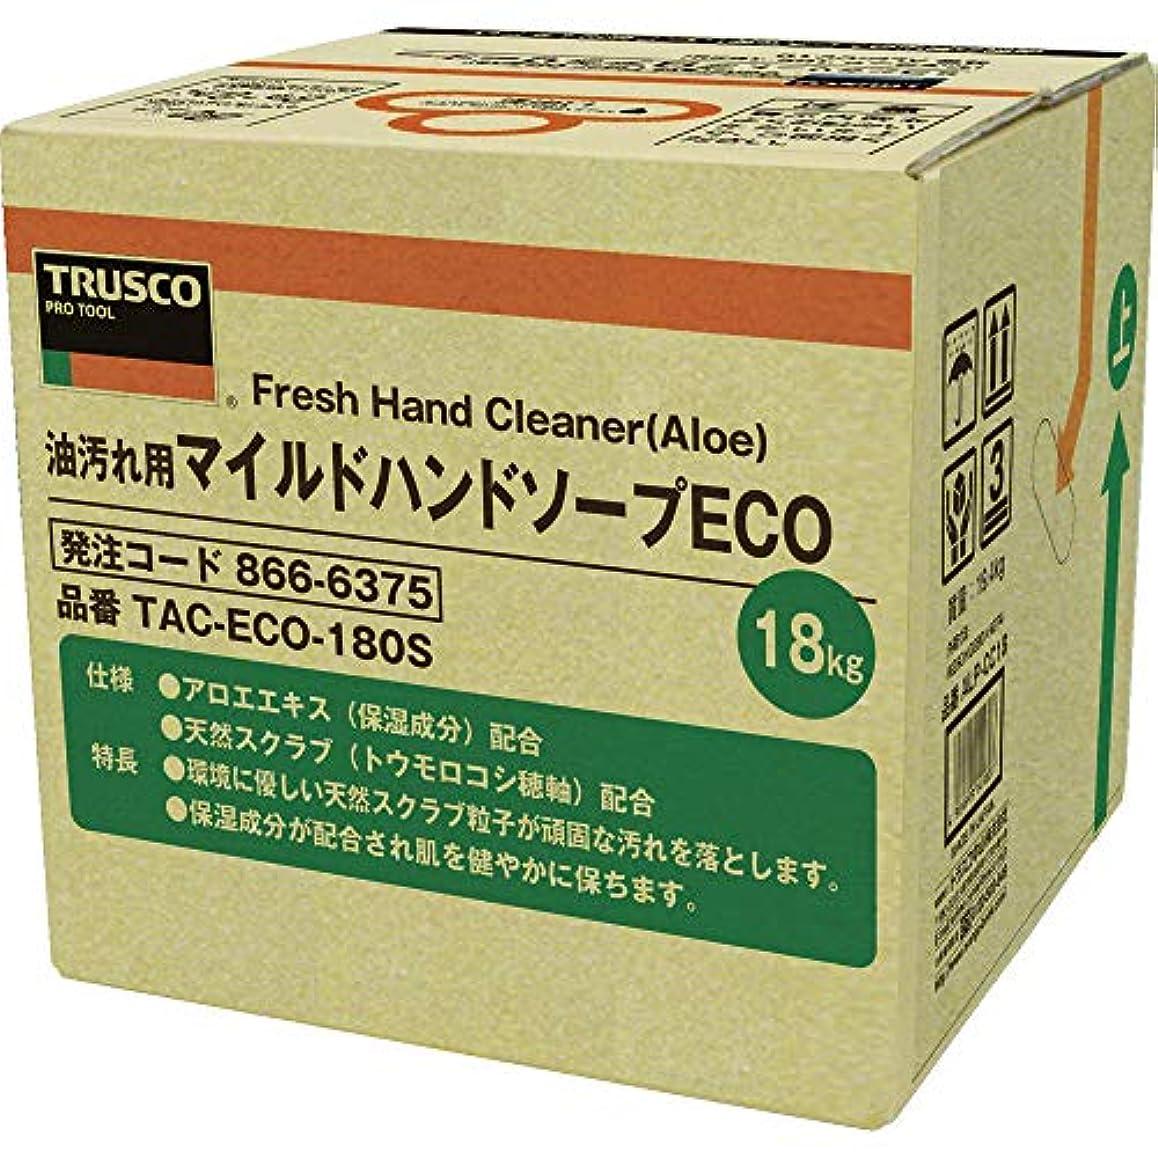 上陸獣レッドデートTRUSCO(トラスコ) マイルドハンドソープ ECO 18L 詰替 バッグインボックス TACECO180S